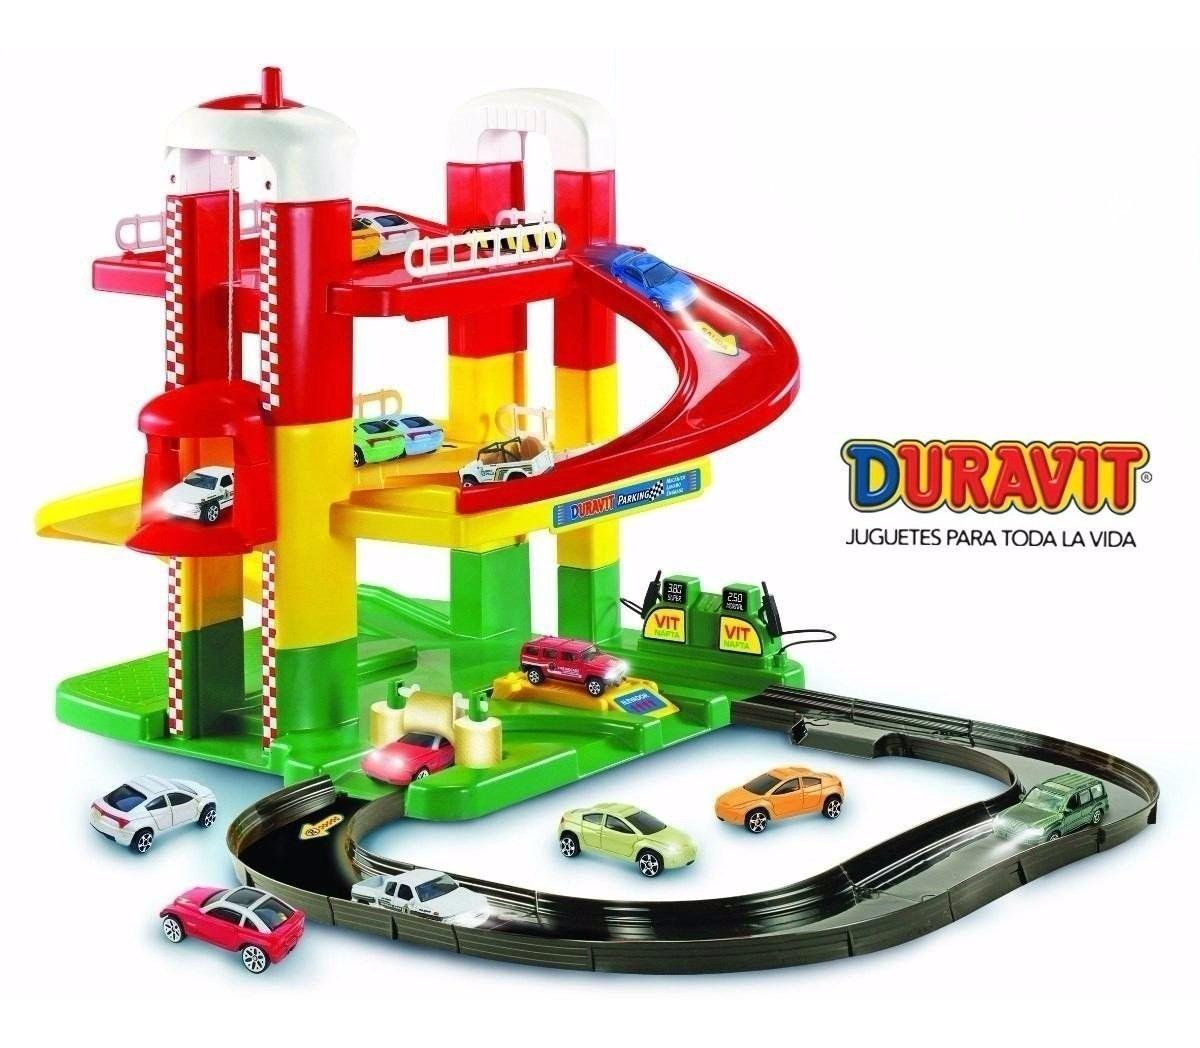 Pista Servicio Pisos Autos De 2 Estación Duravit Garage 29EIYDHW